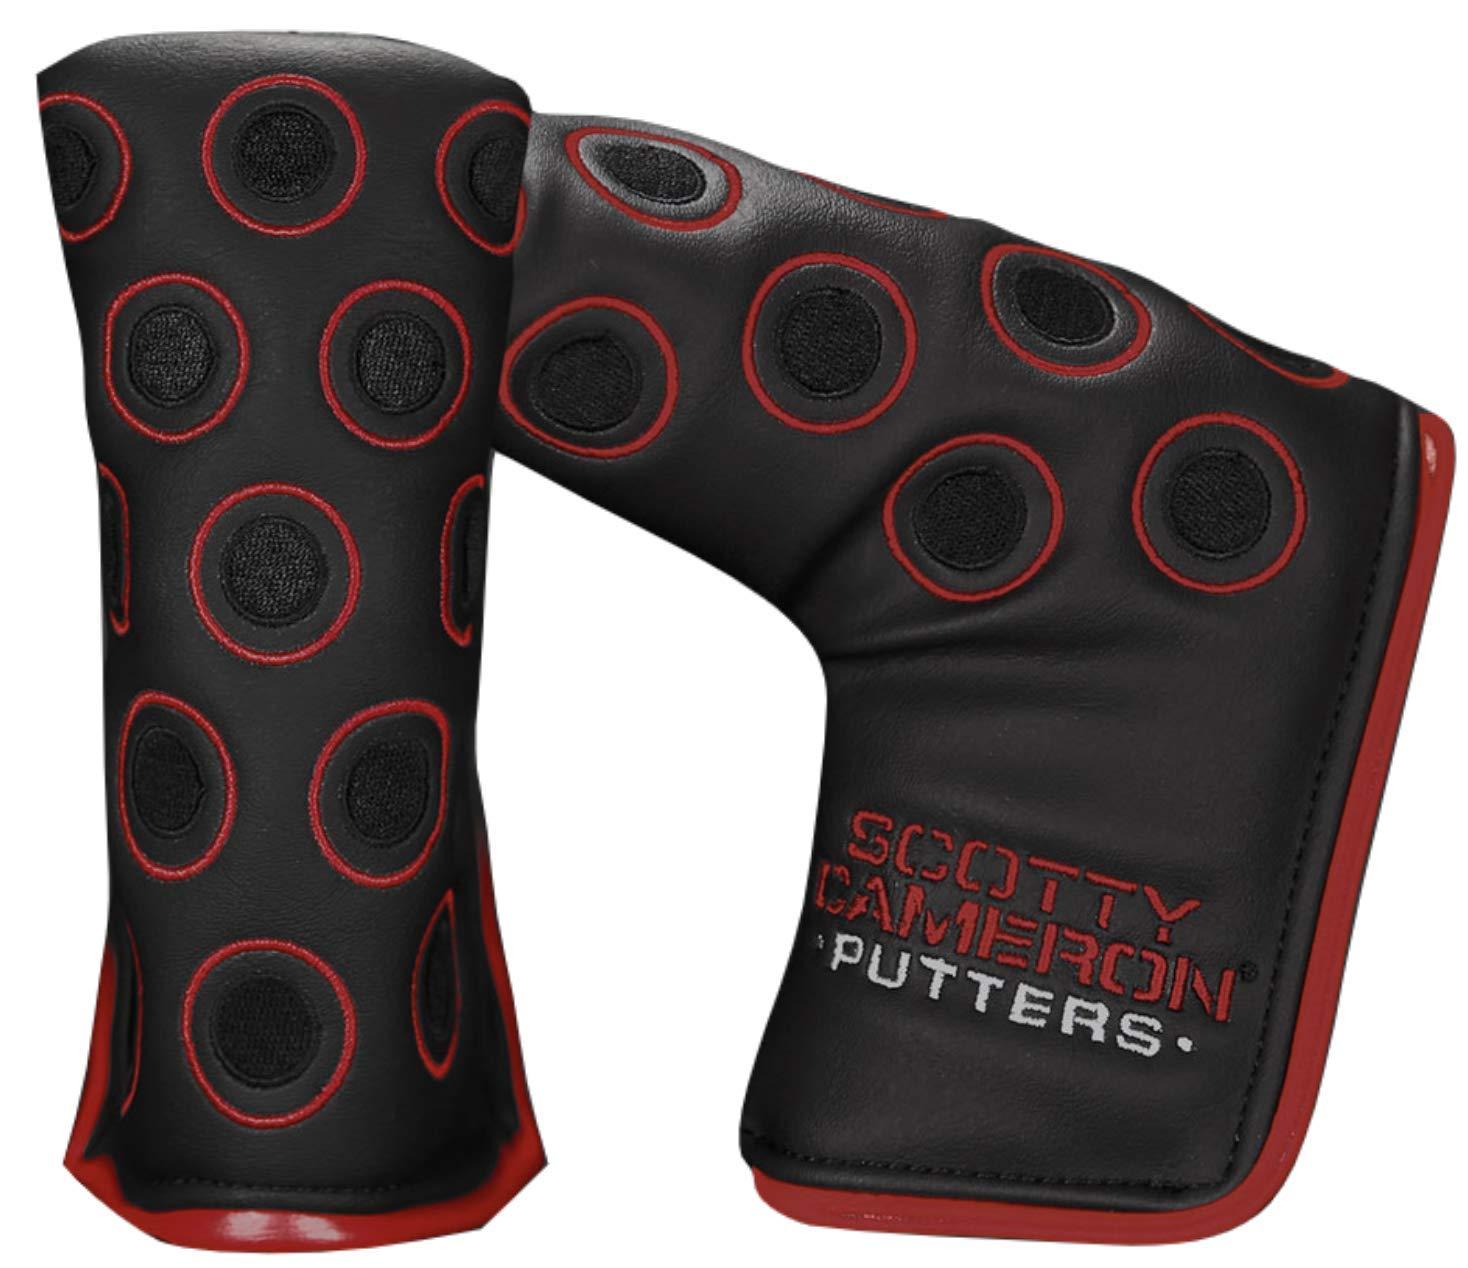 Scotty Cameron 7ポイントクラウン マットブラック レッド 限定版 パターヘッドカバー B07HVK2H2C